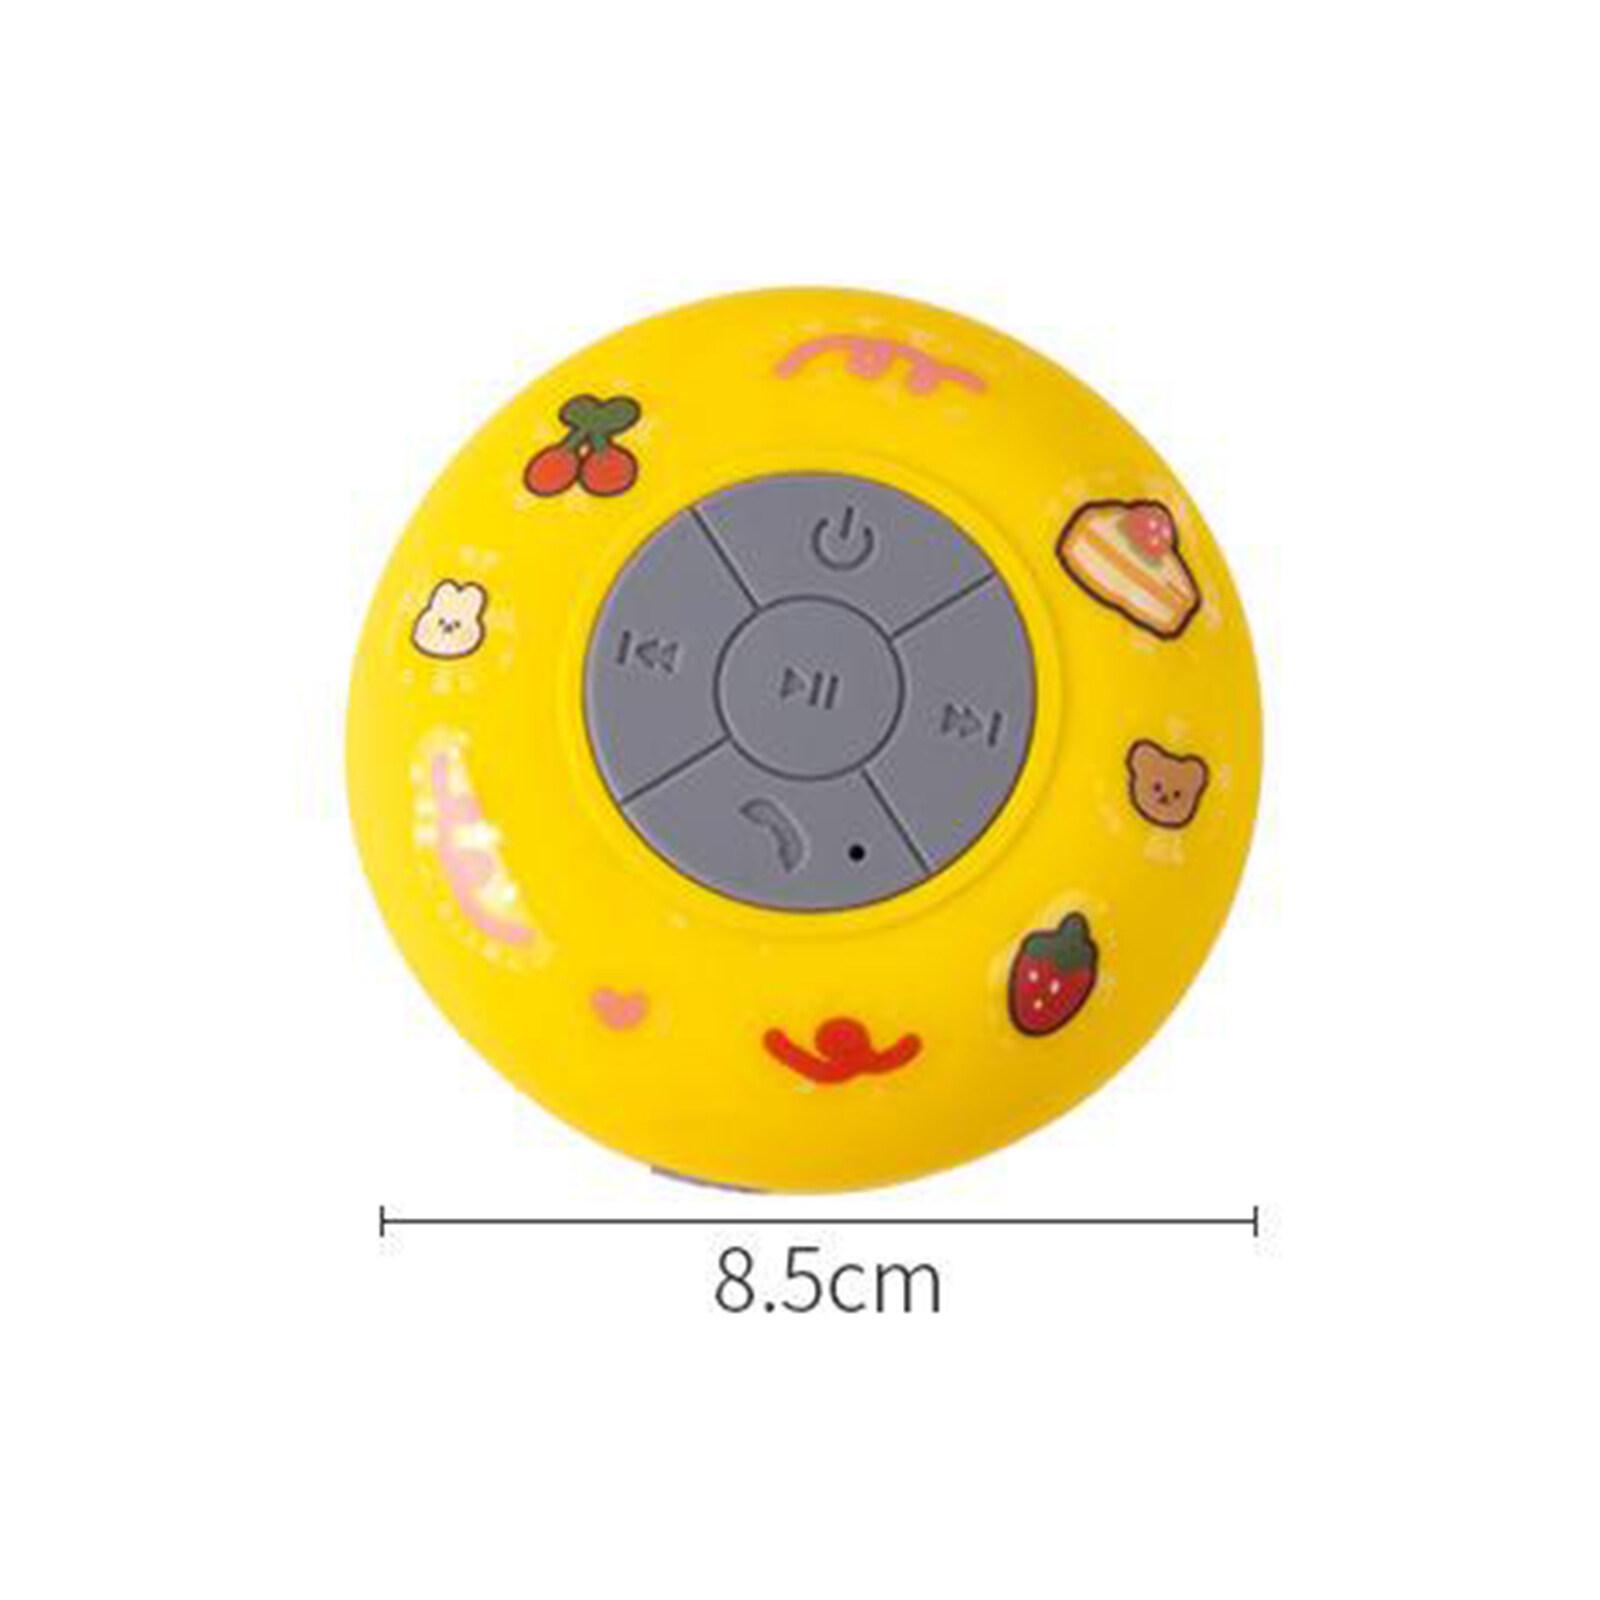 【FREE 1 x Cartoon Sticker】MOMBA LIVING Portable Cute Wireless Mini Bluetooth Speaker Waterproof Bathroom Shower Speaker 3W Bathroom Bass